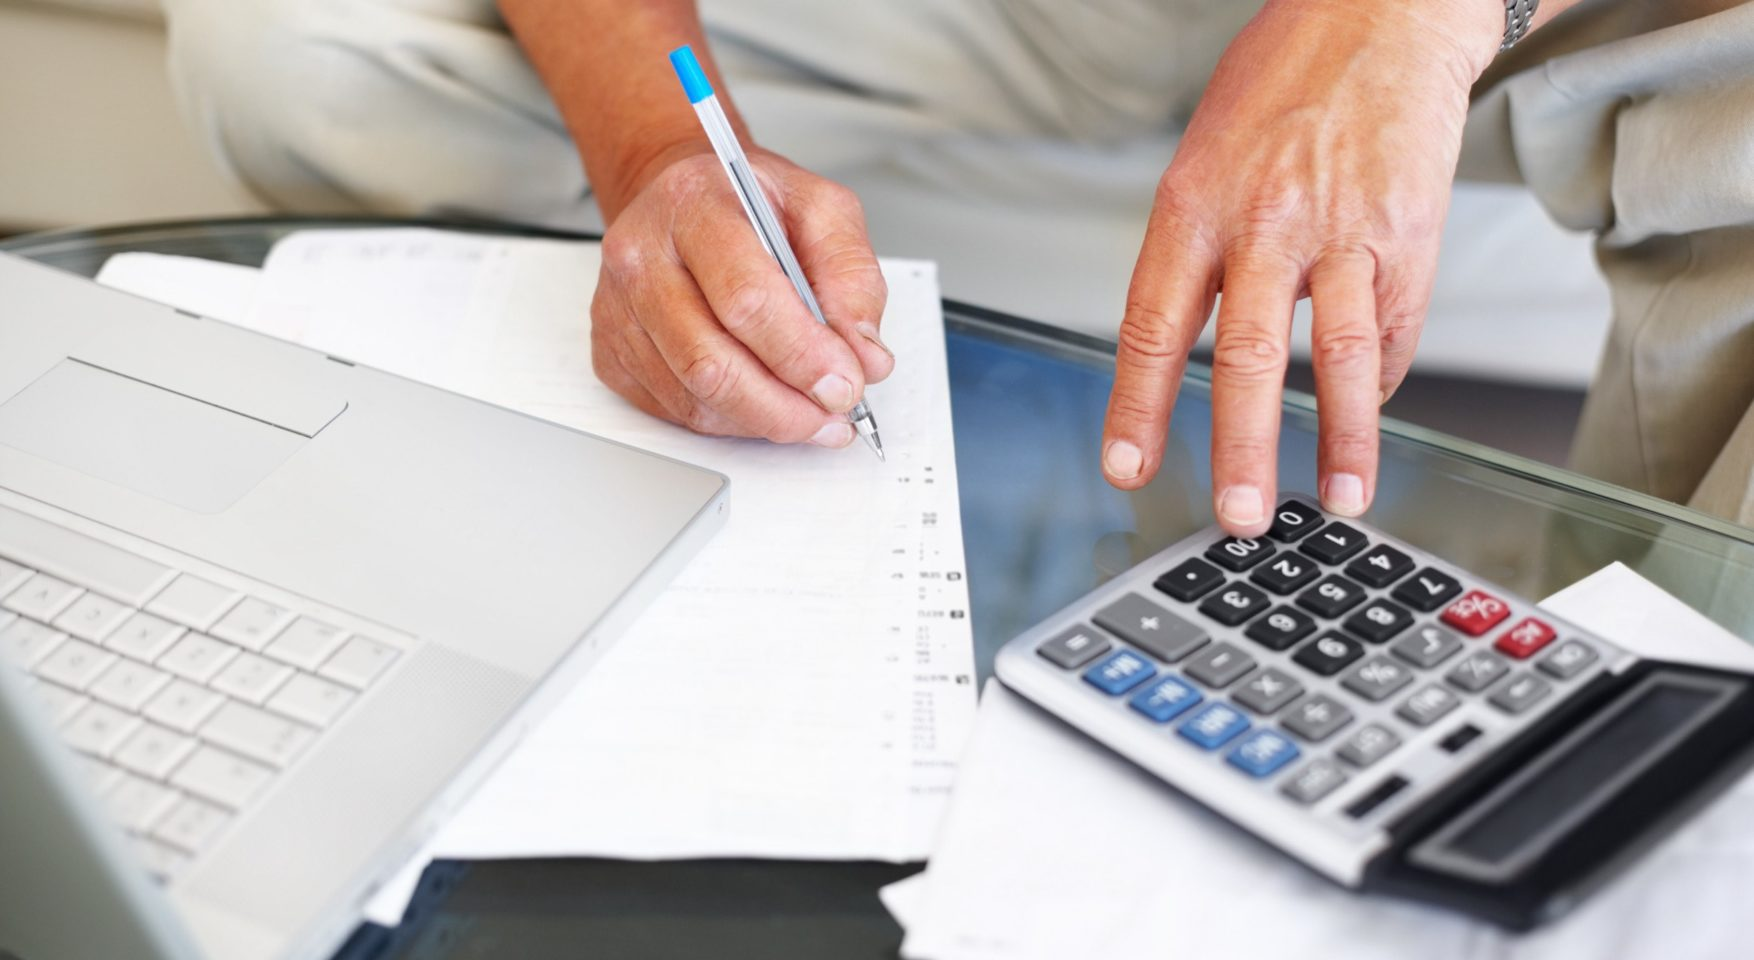 Цена каско: из чего складывается цена страхования каско?